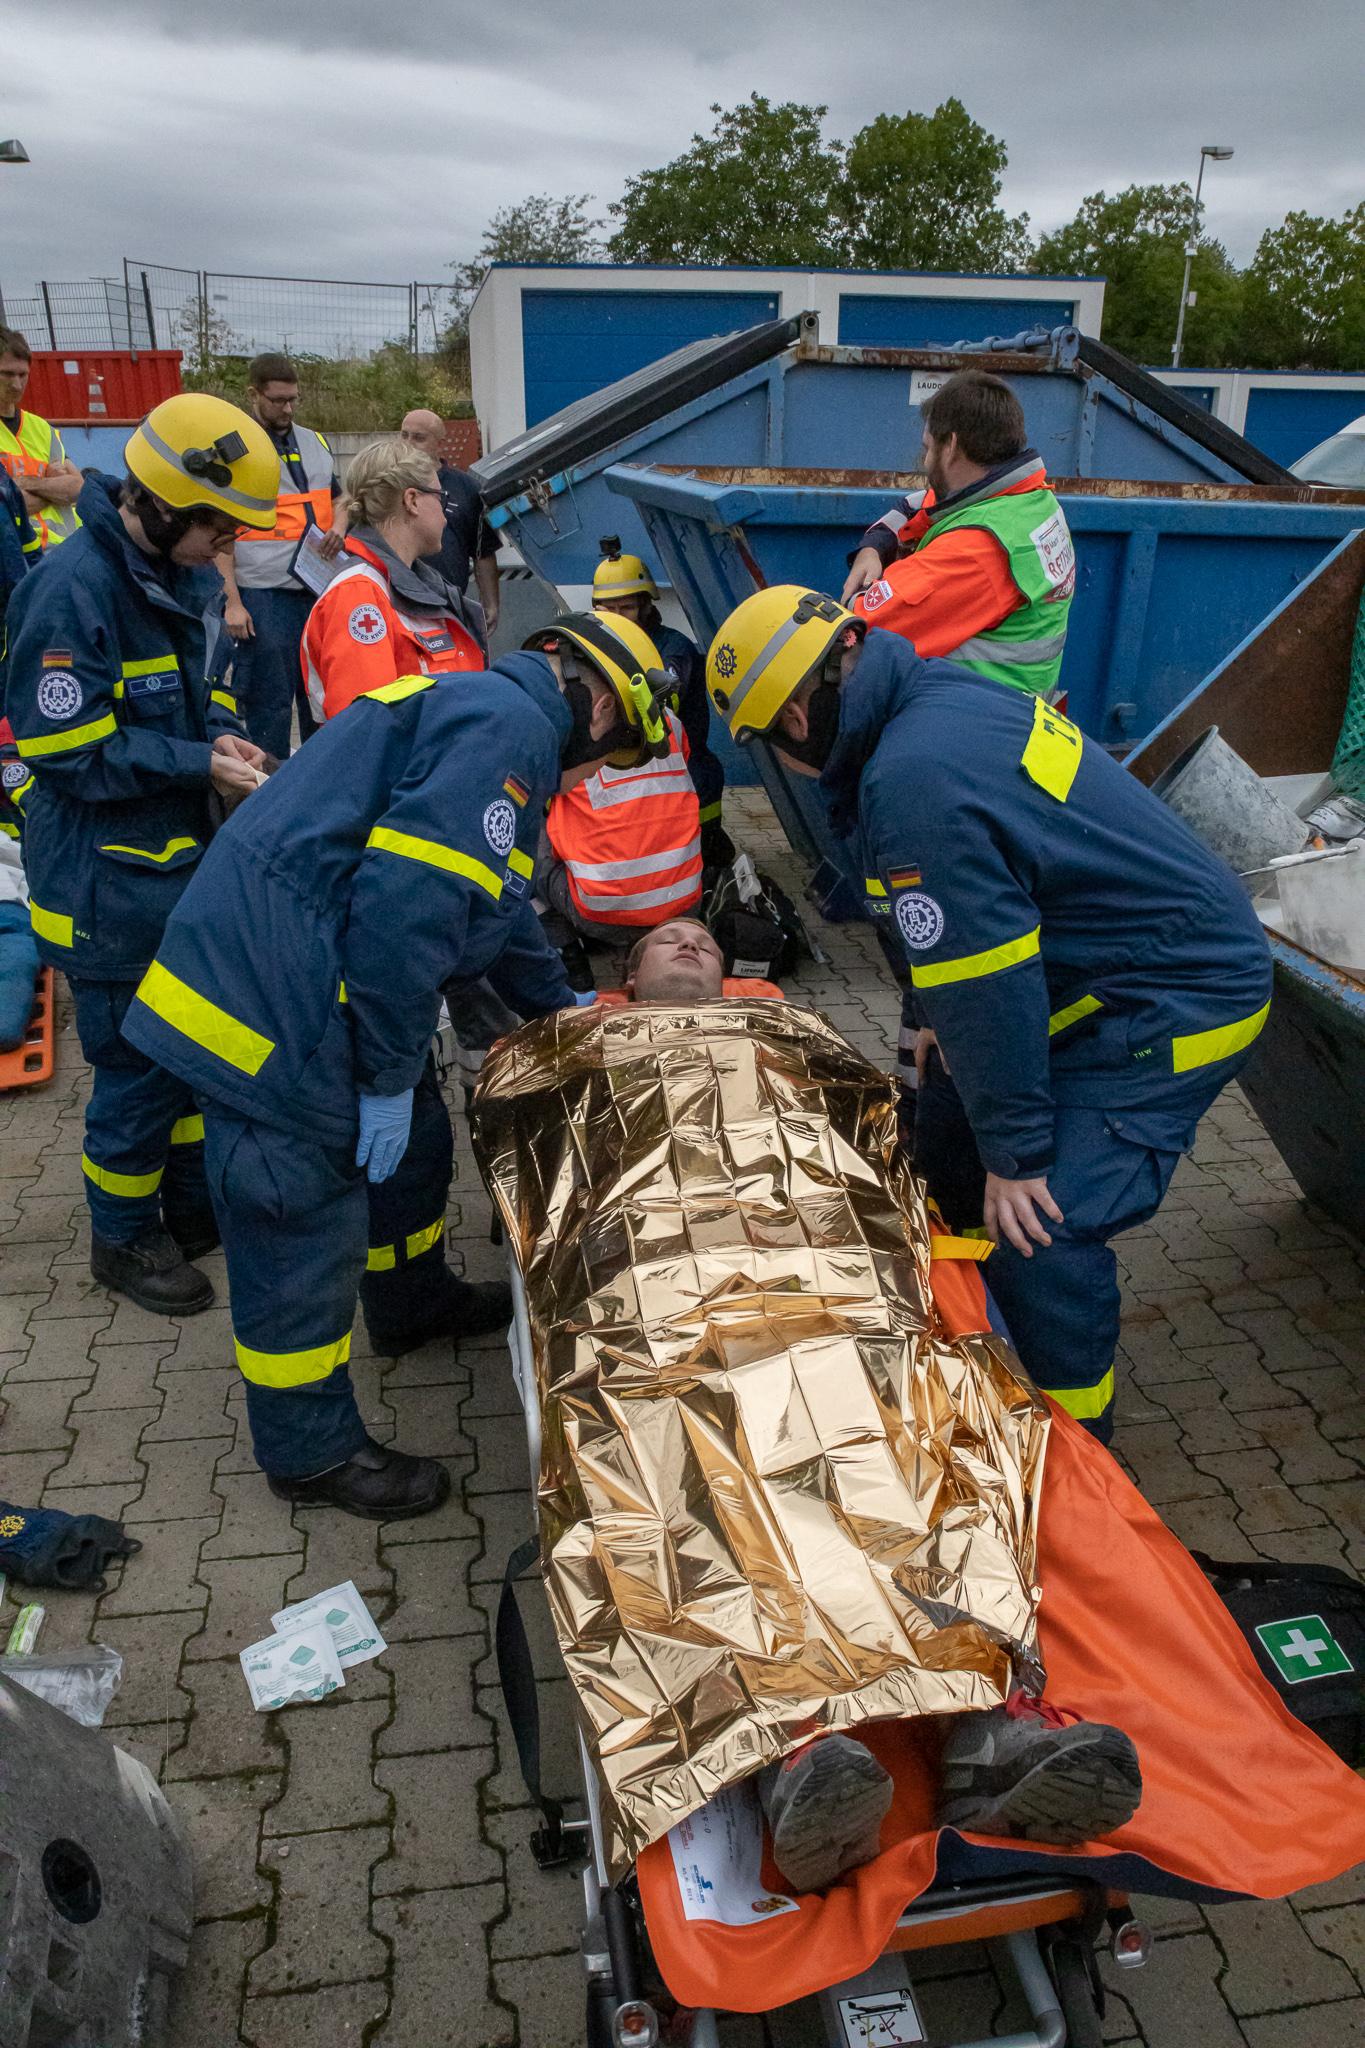 FeuerwehrSim 2019 Wirtschaftsbetrieb-10